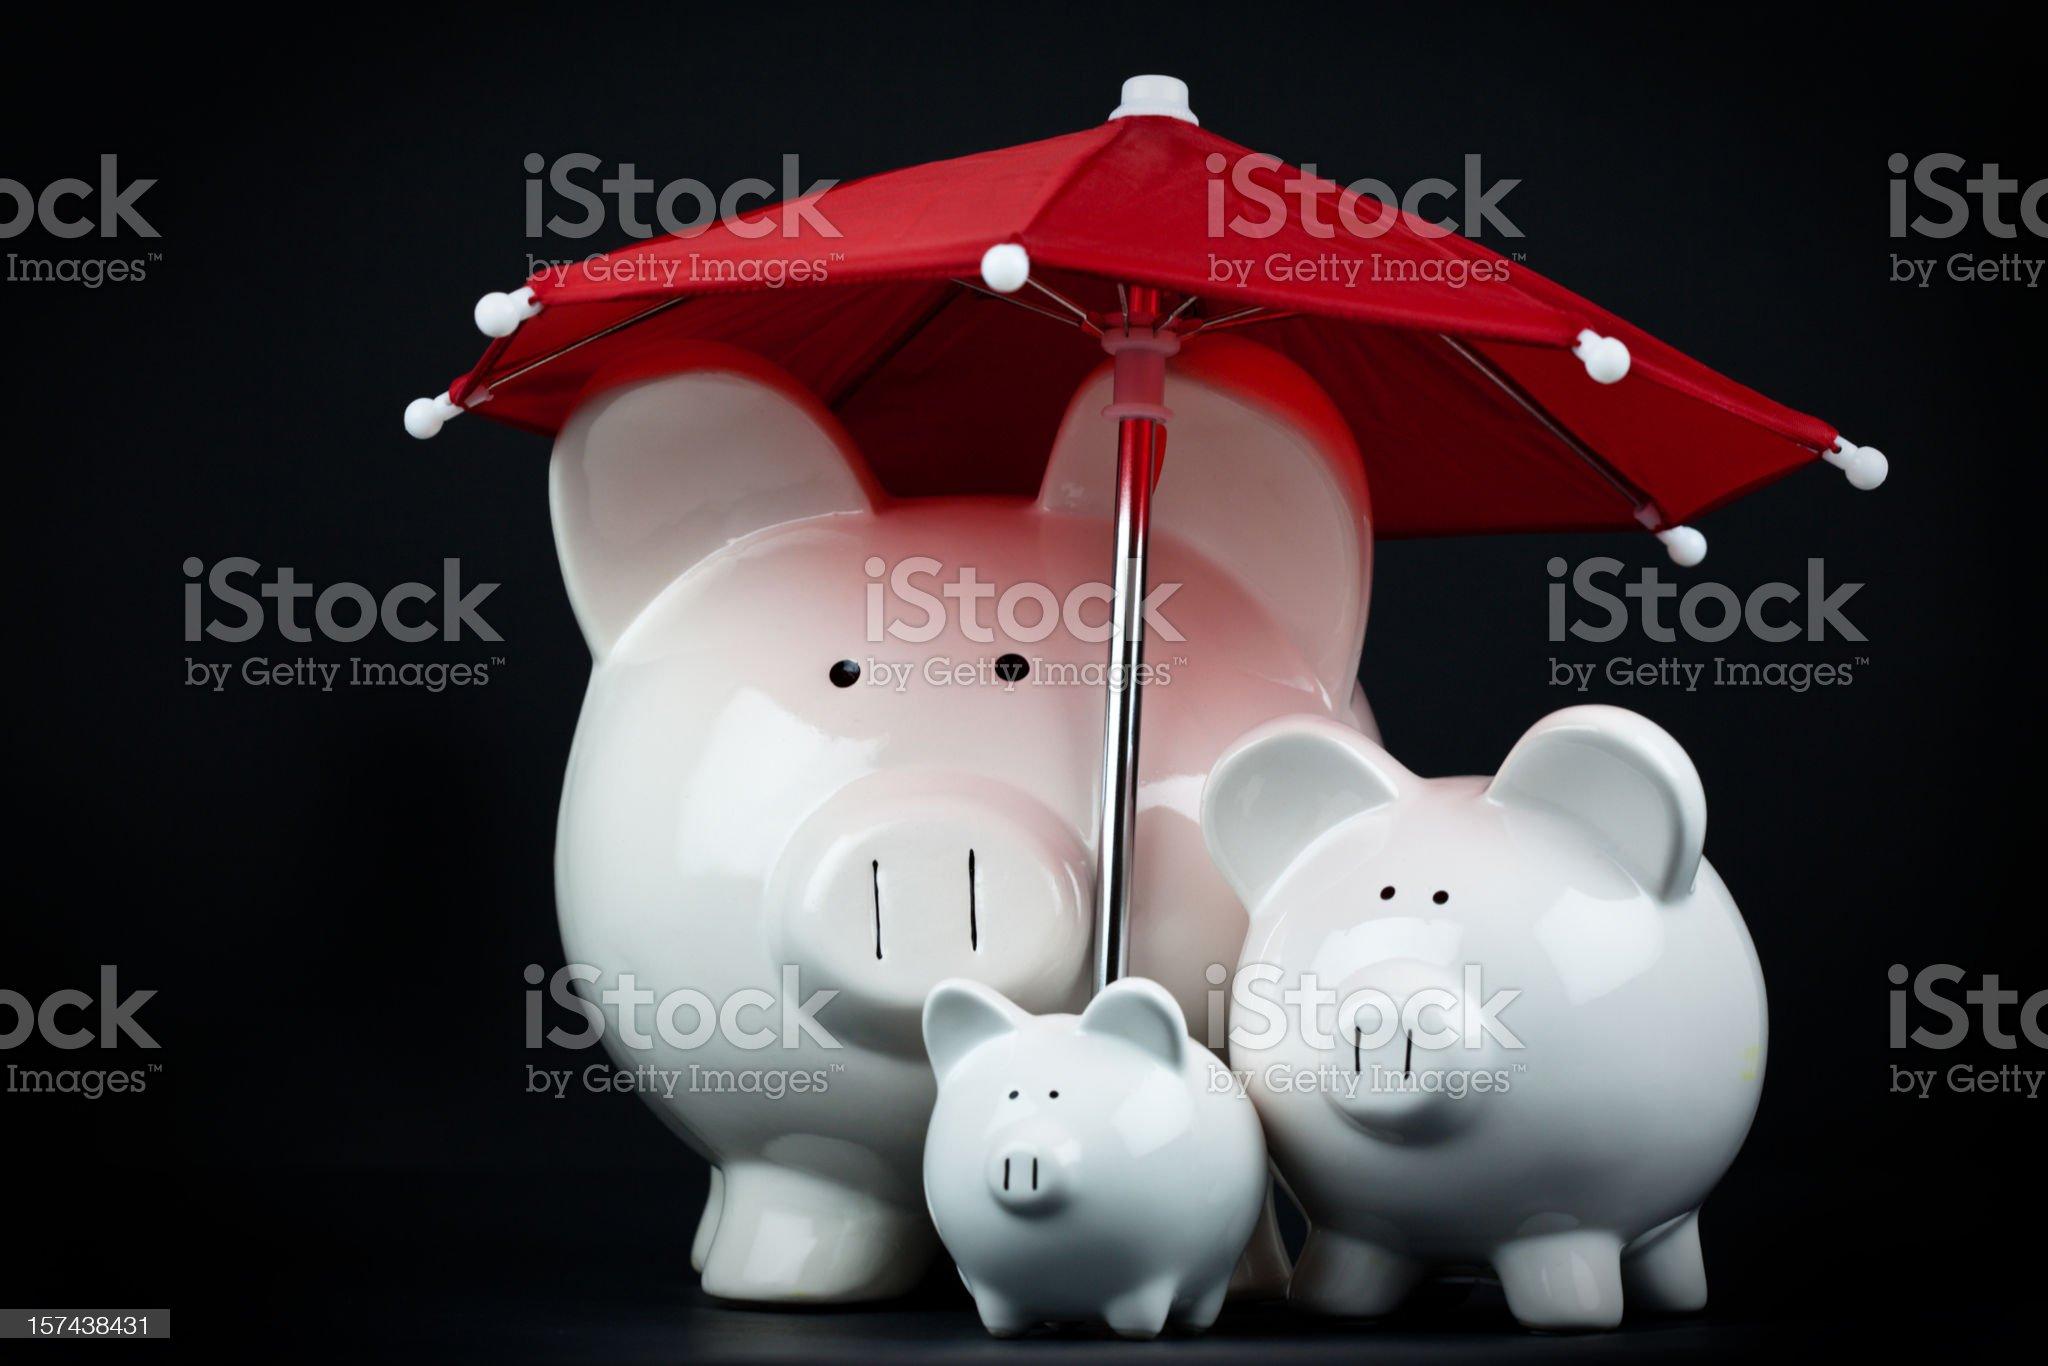 Saving for a Rainy Day - Family royalty-free stock photo